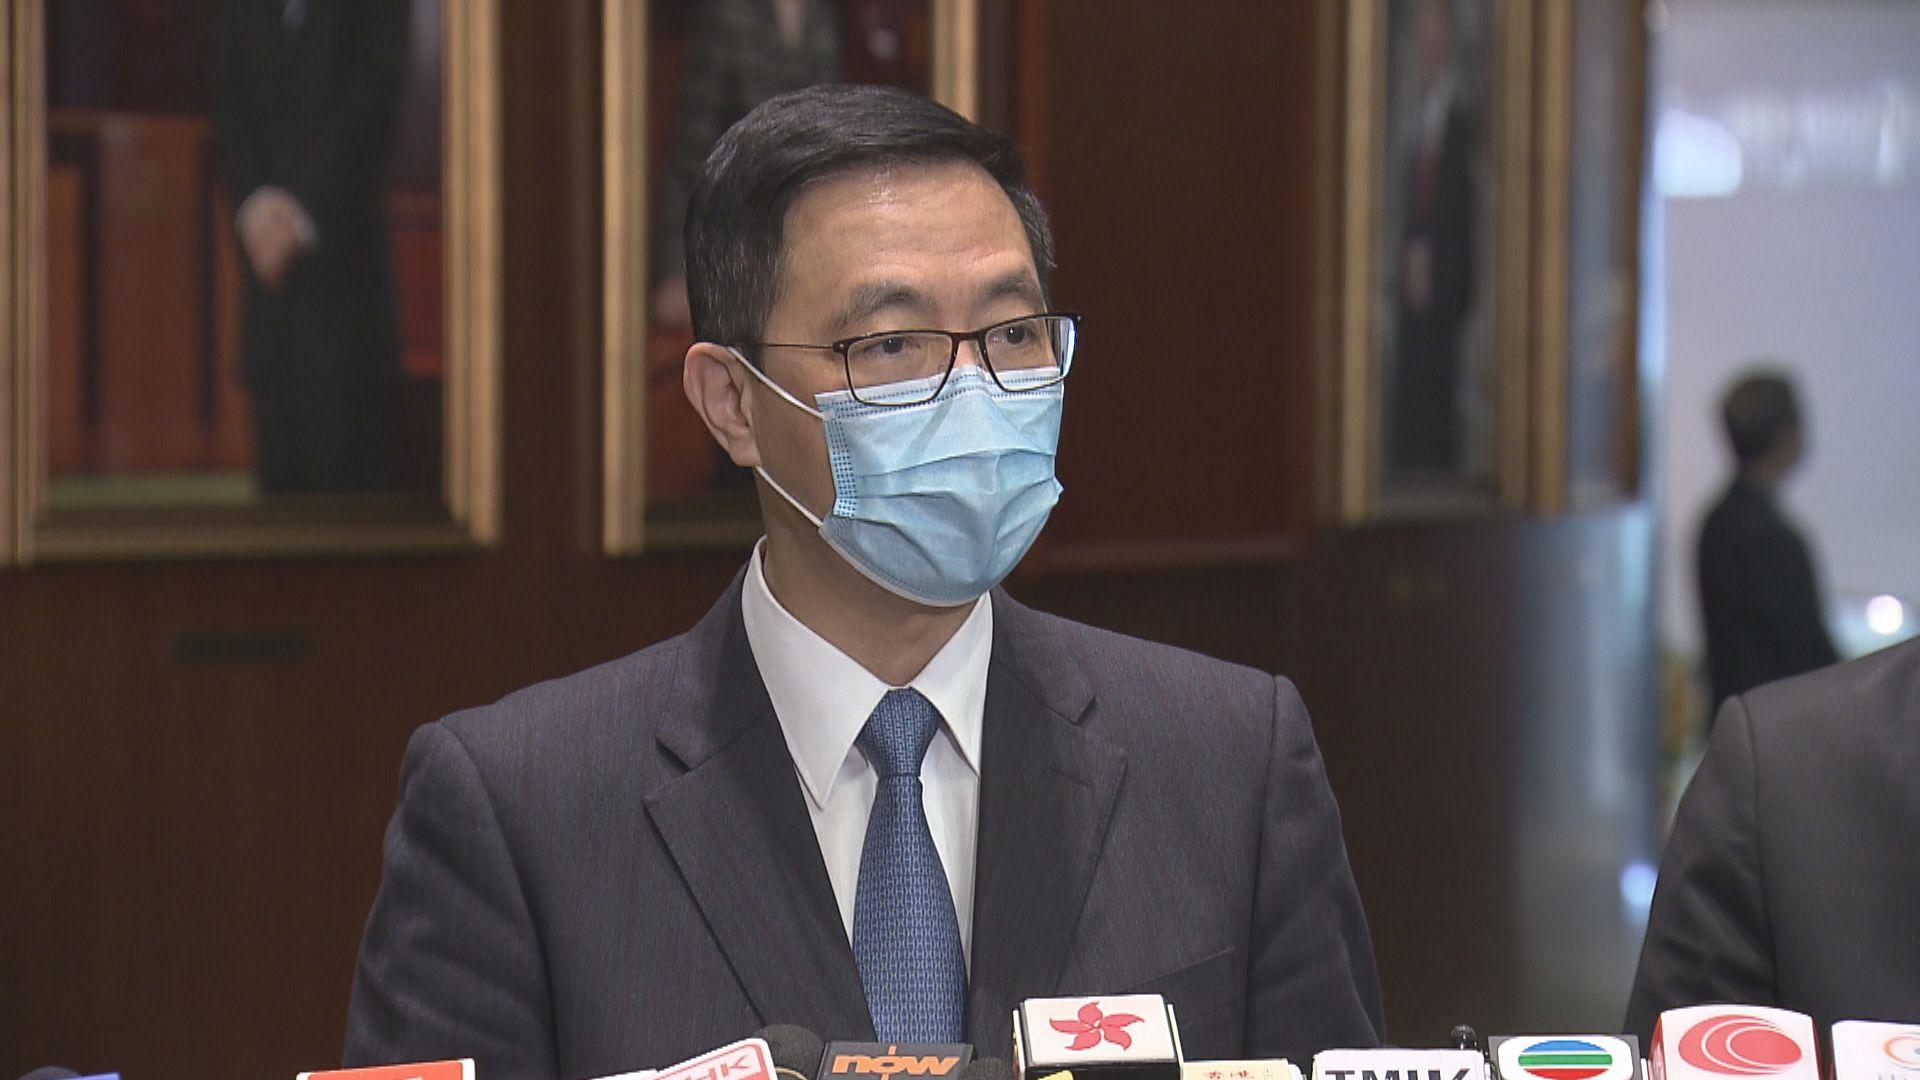 楊潤雄:未必每間學校環境適合到校接種